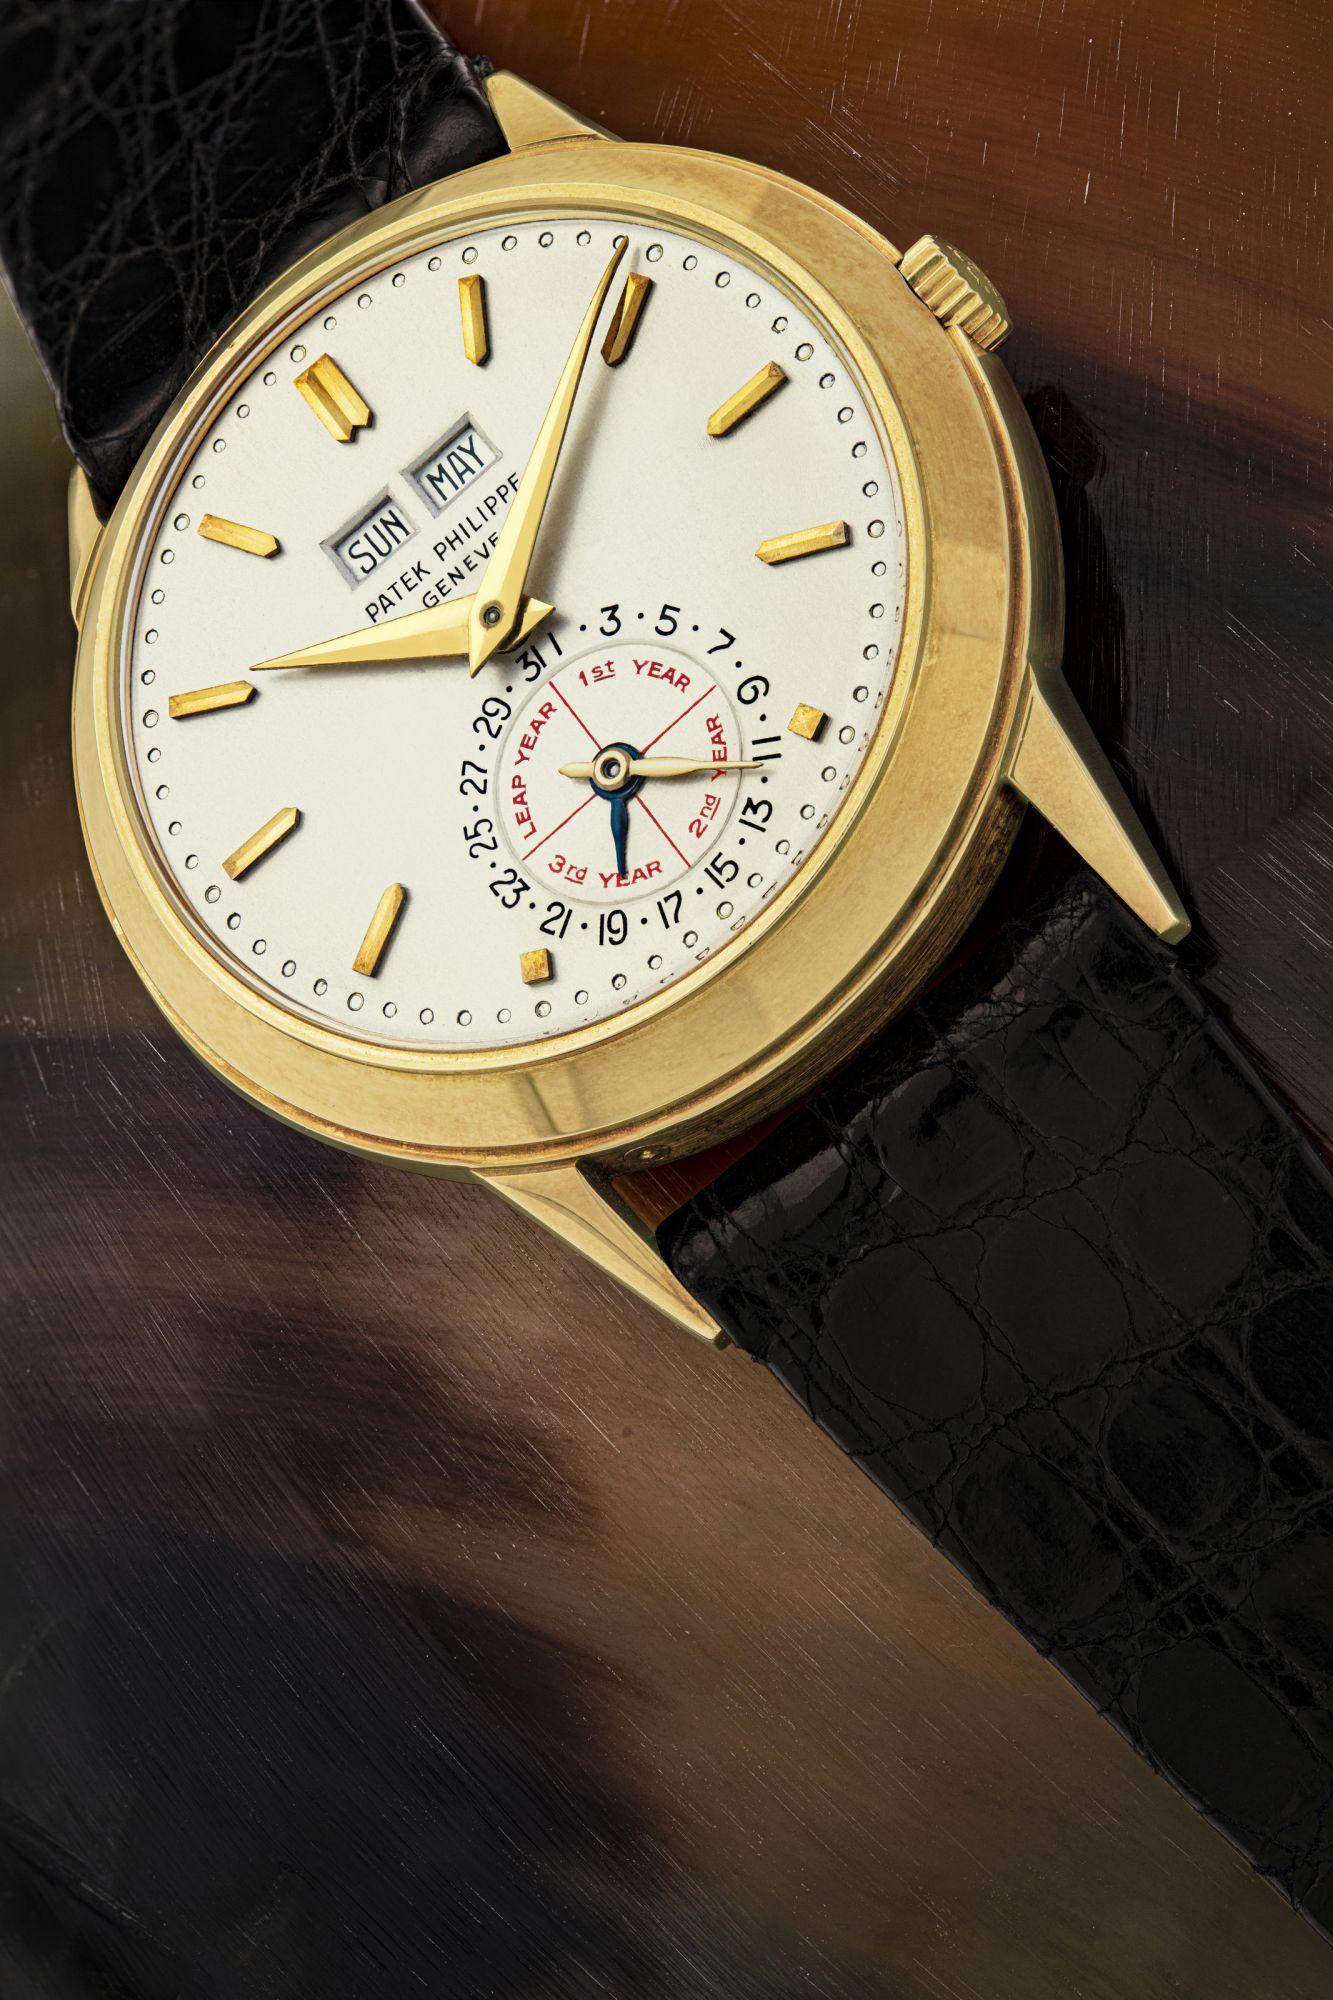 百達翡麗,獨一無二、極具歷史價值的臻美18K金「無月相顯示」自動上弦萬年曆腕錶,配英文日曆及閏年顯示,型號3448J,1970年製,應亨利·斯登(Henri Stern)及菲力·斯登(Philippe Stern)的要求在1975年特別改造為獨一無二的珍品,以饋贈Alan Banbery,1970年製,附後補證書。